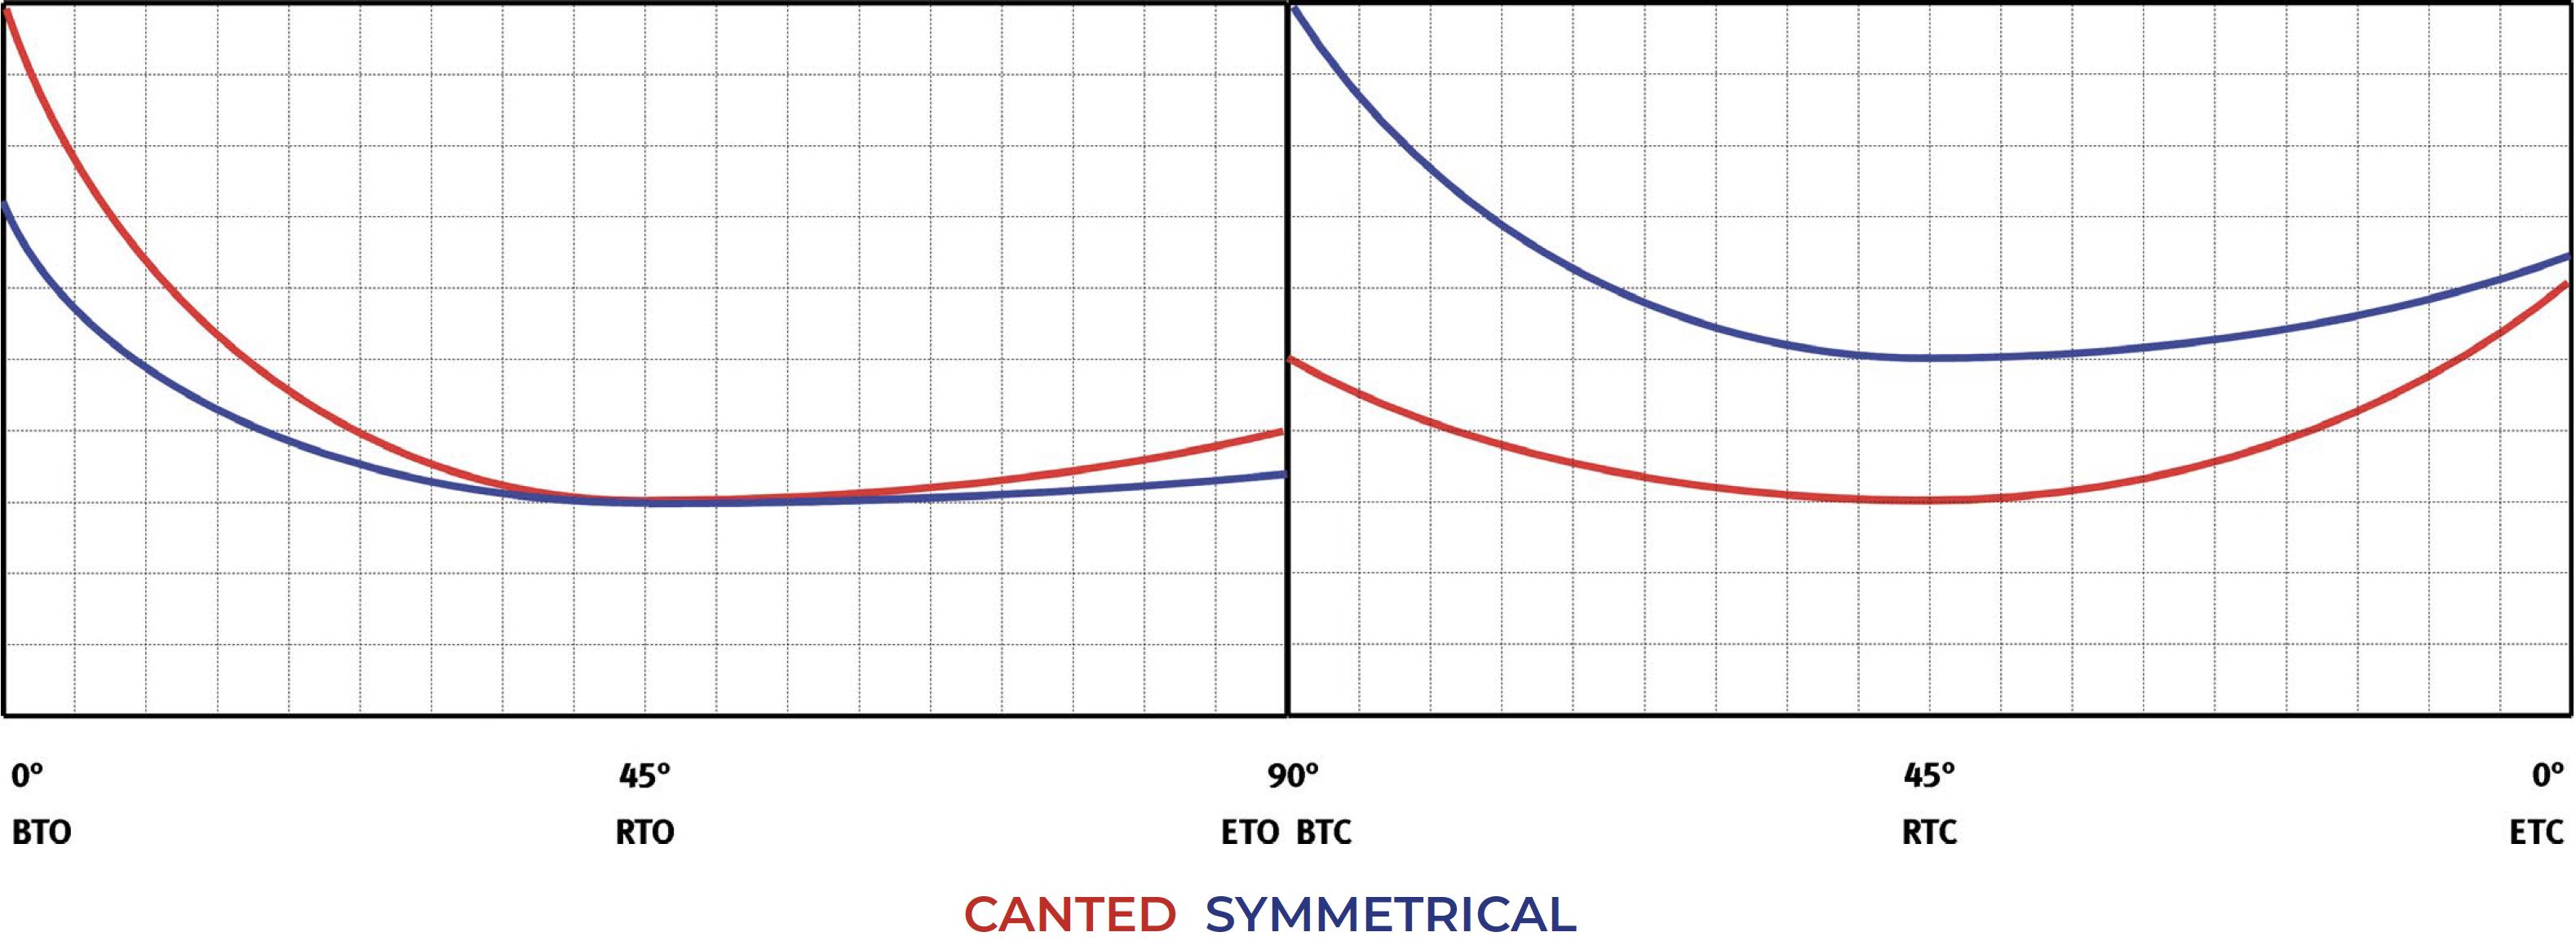 GS单效重载碳钢气动执行器 - 图表和起动扭矩  - 单效常闭 - 扭矩图表(起动扭矩)单效常闭 - 扭矩图表(起动扭矩)